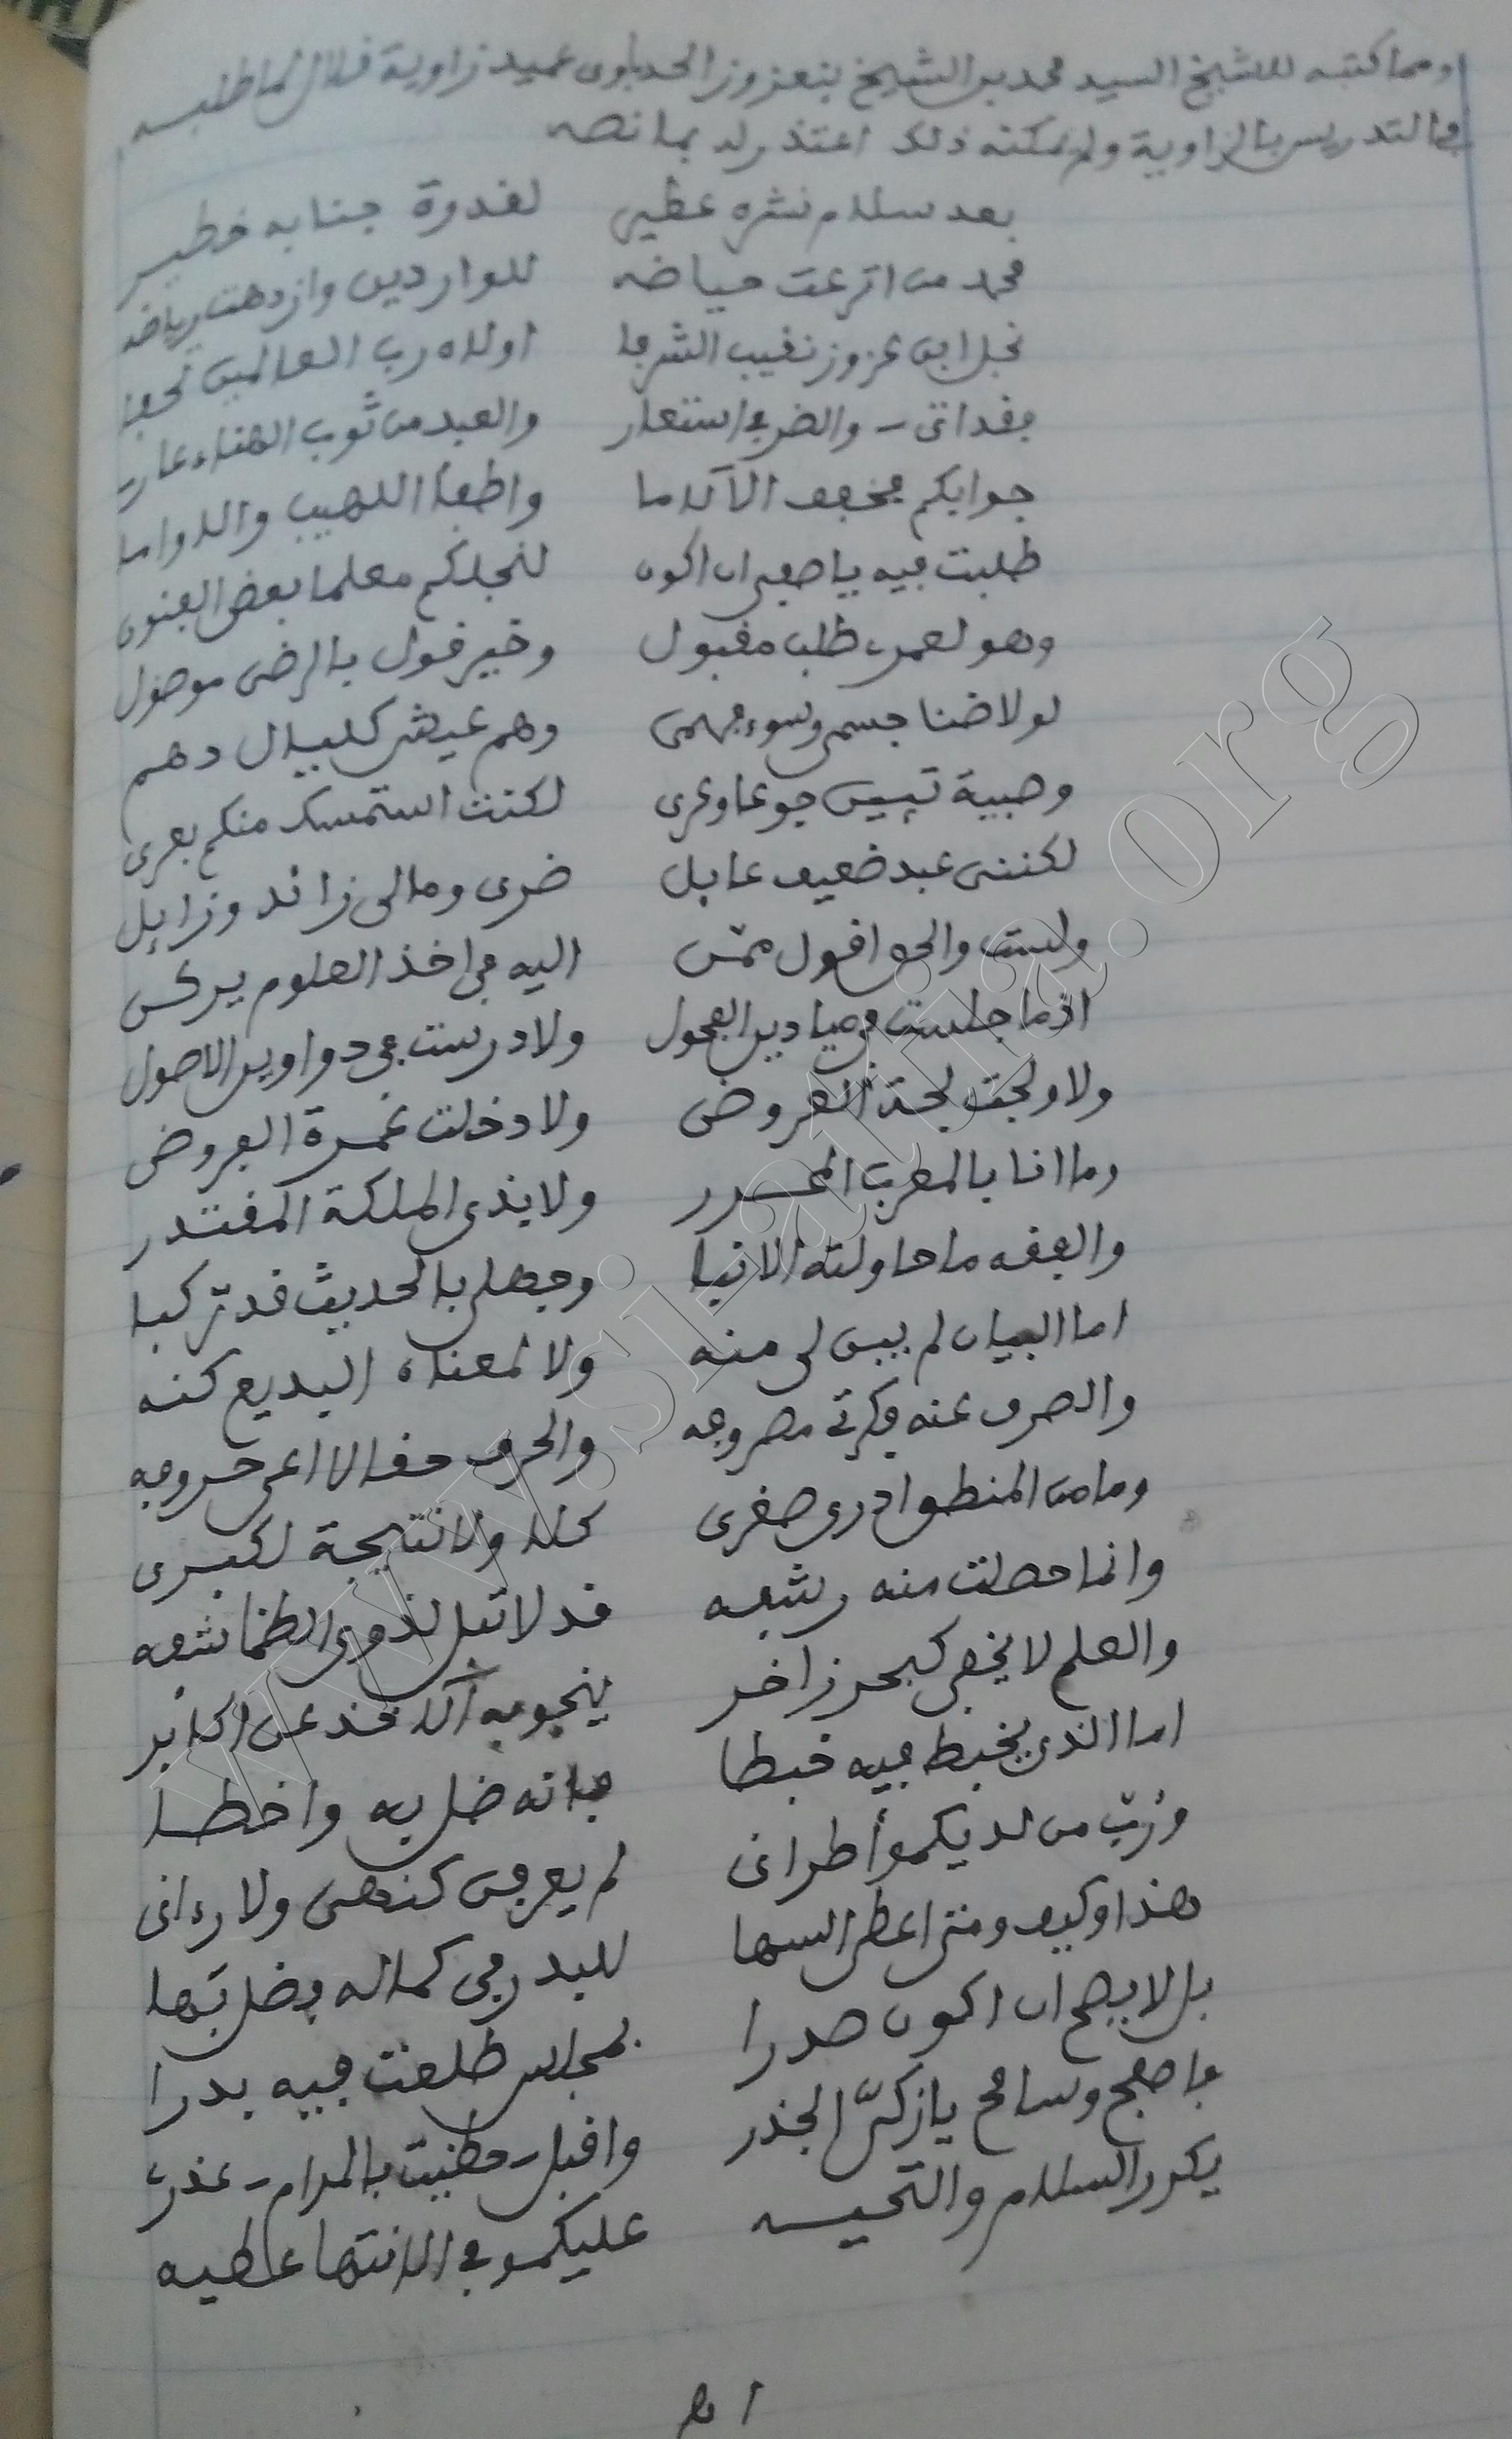 رسالة للشيخ سي عطية مسعودي موجهة إلى الشيخ محمد بن عزوز الحدباوي